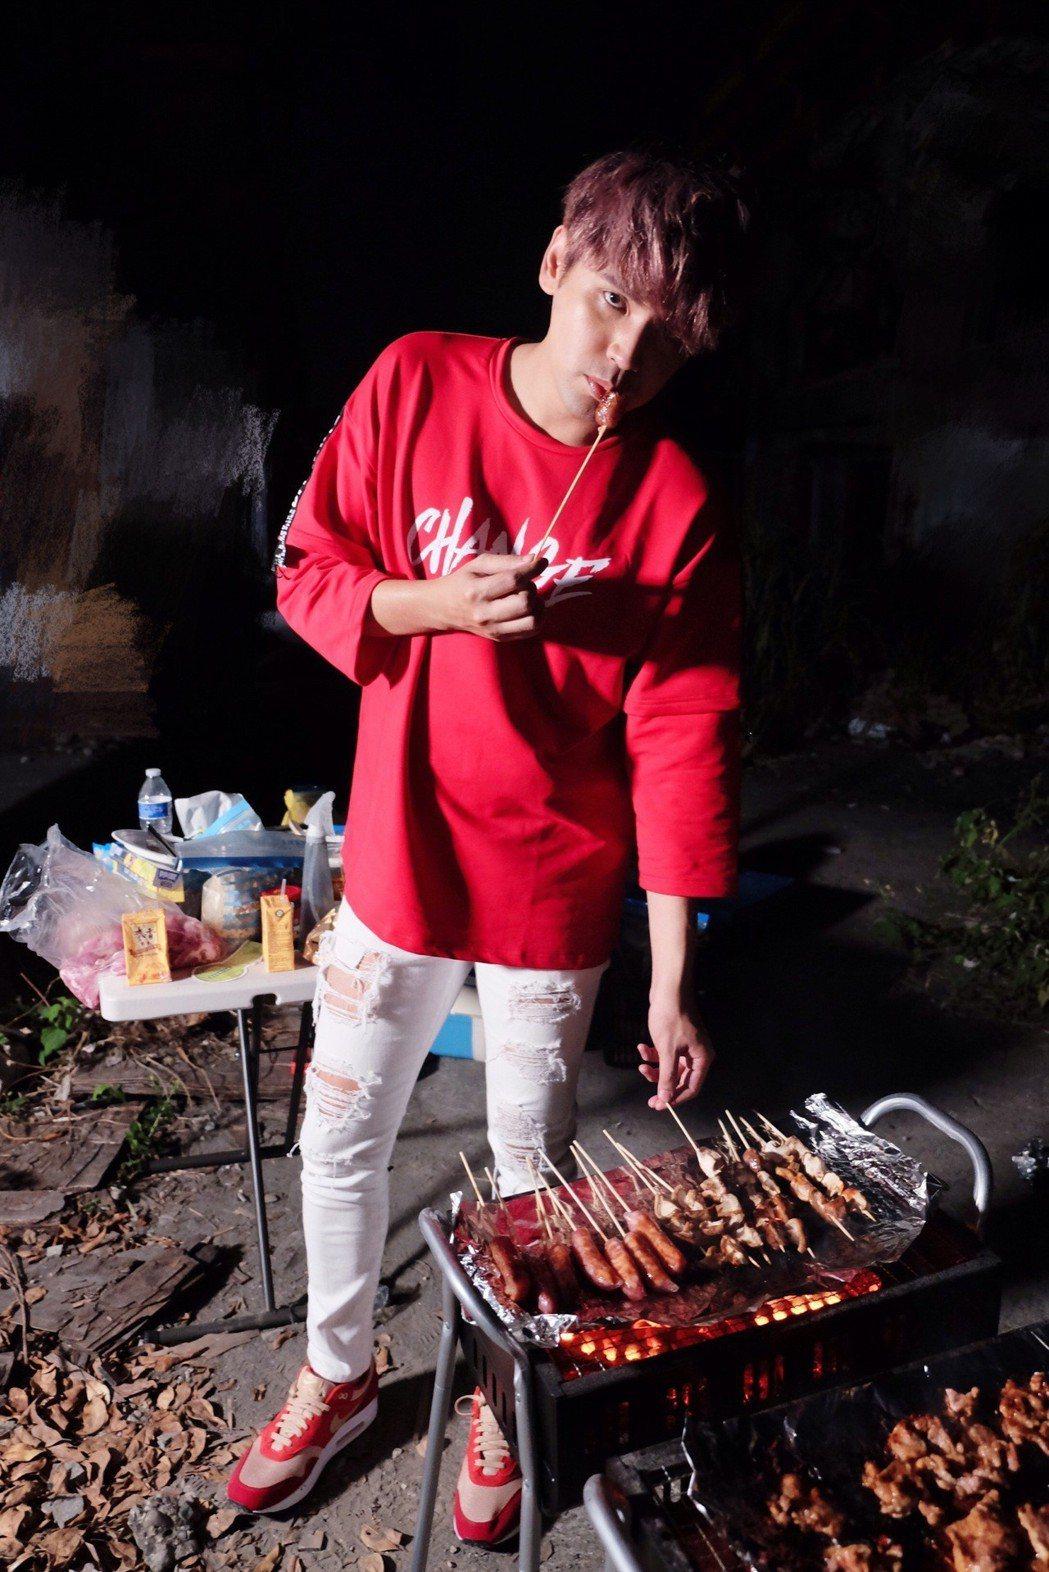 陳零九邊拍MV邊烤肉。圖/滾石提供